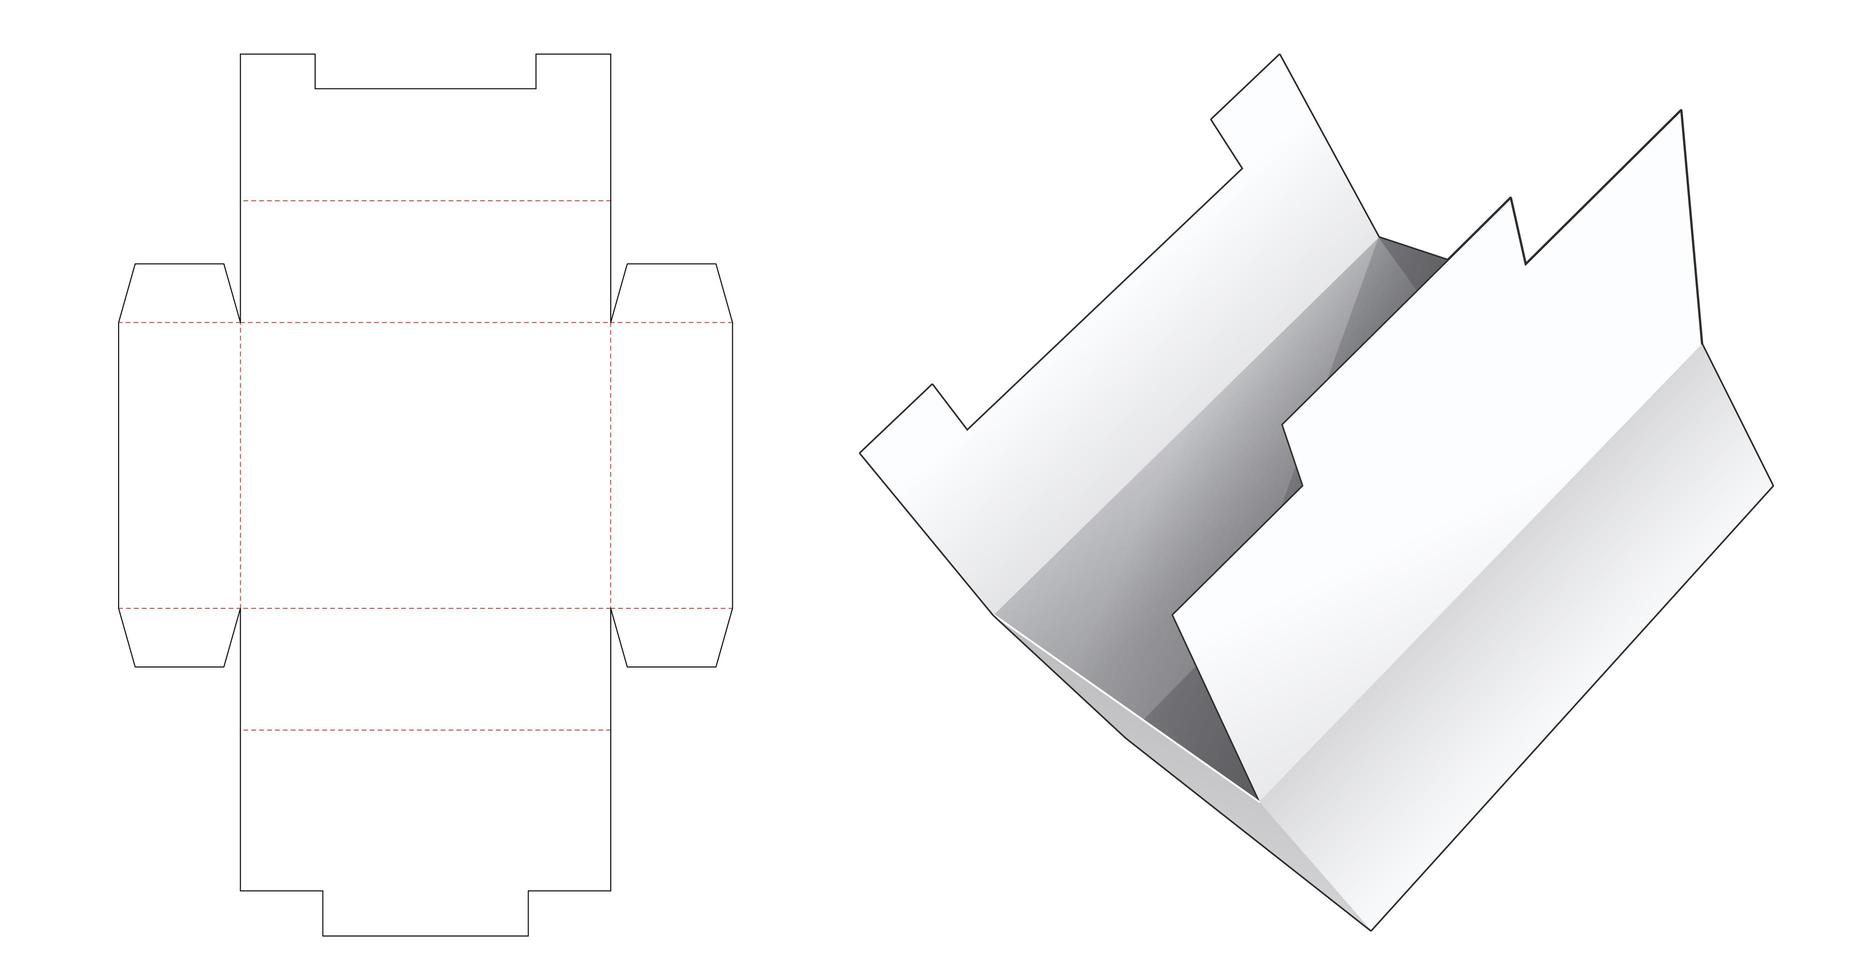 Aufbewahrungsbox aus Pappe vektor